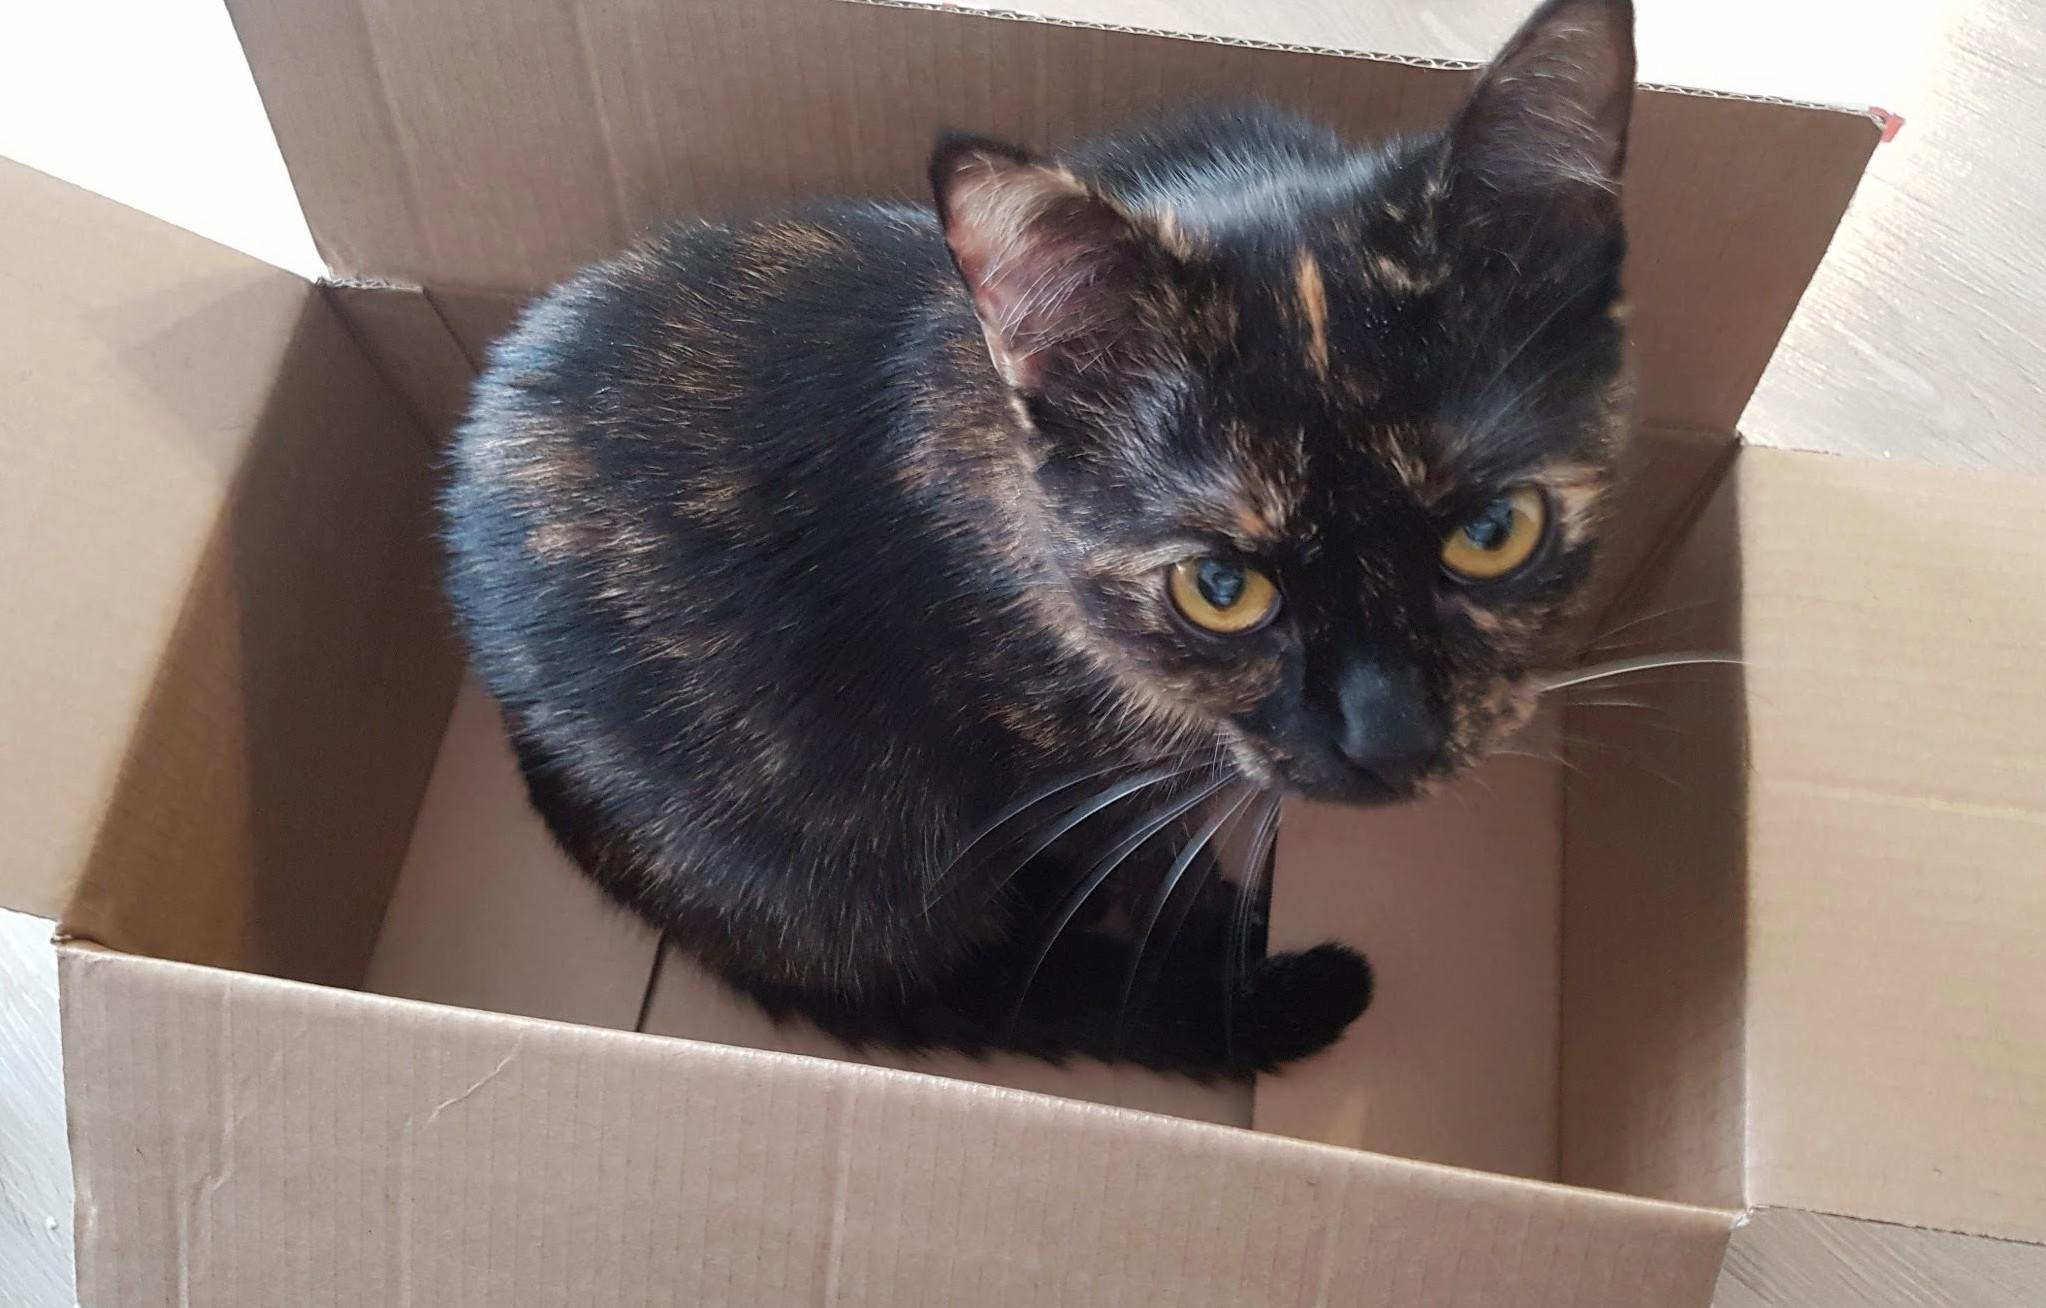 Spot in a box